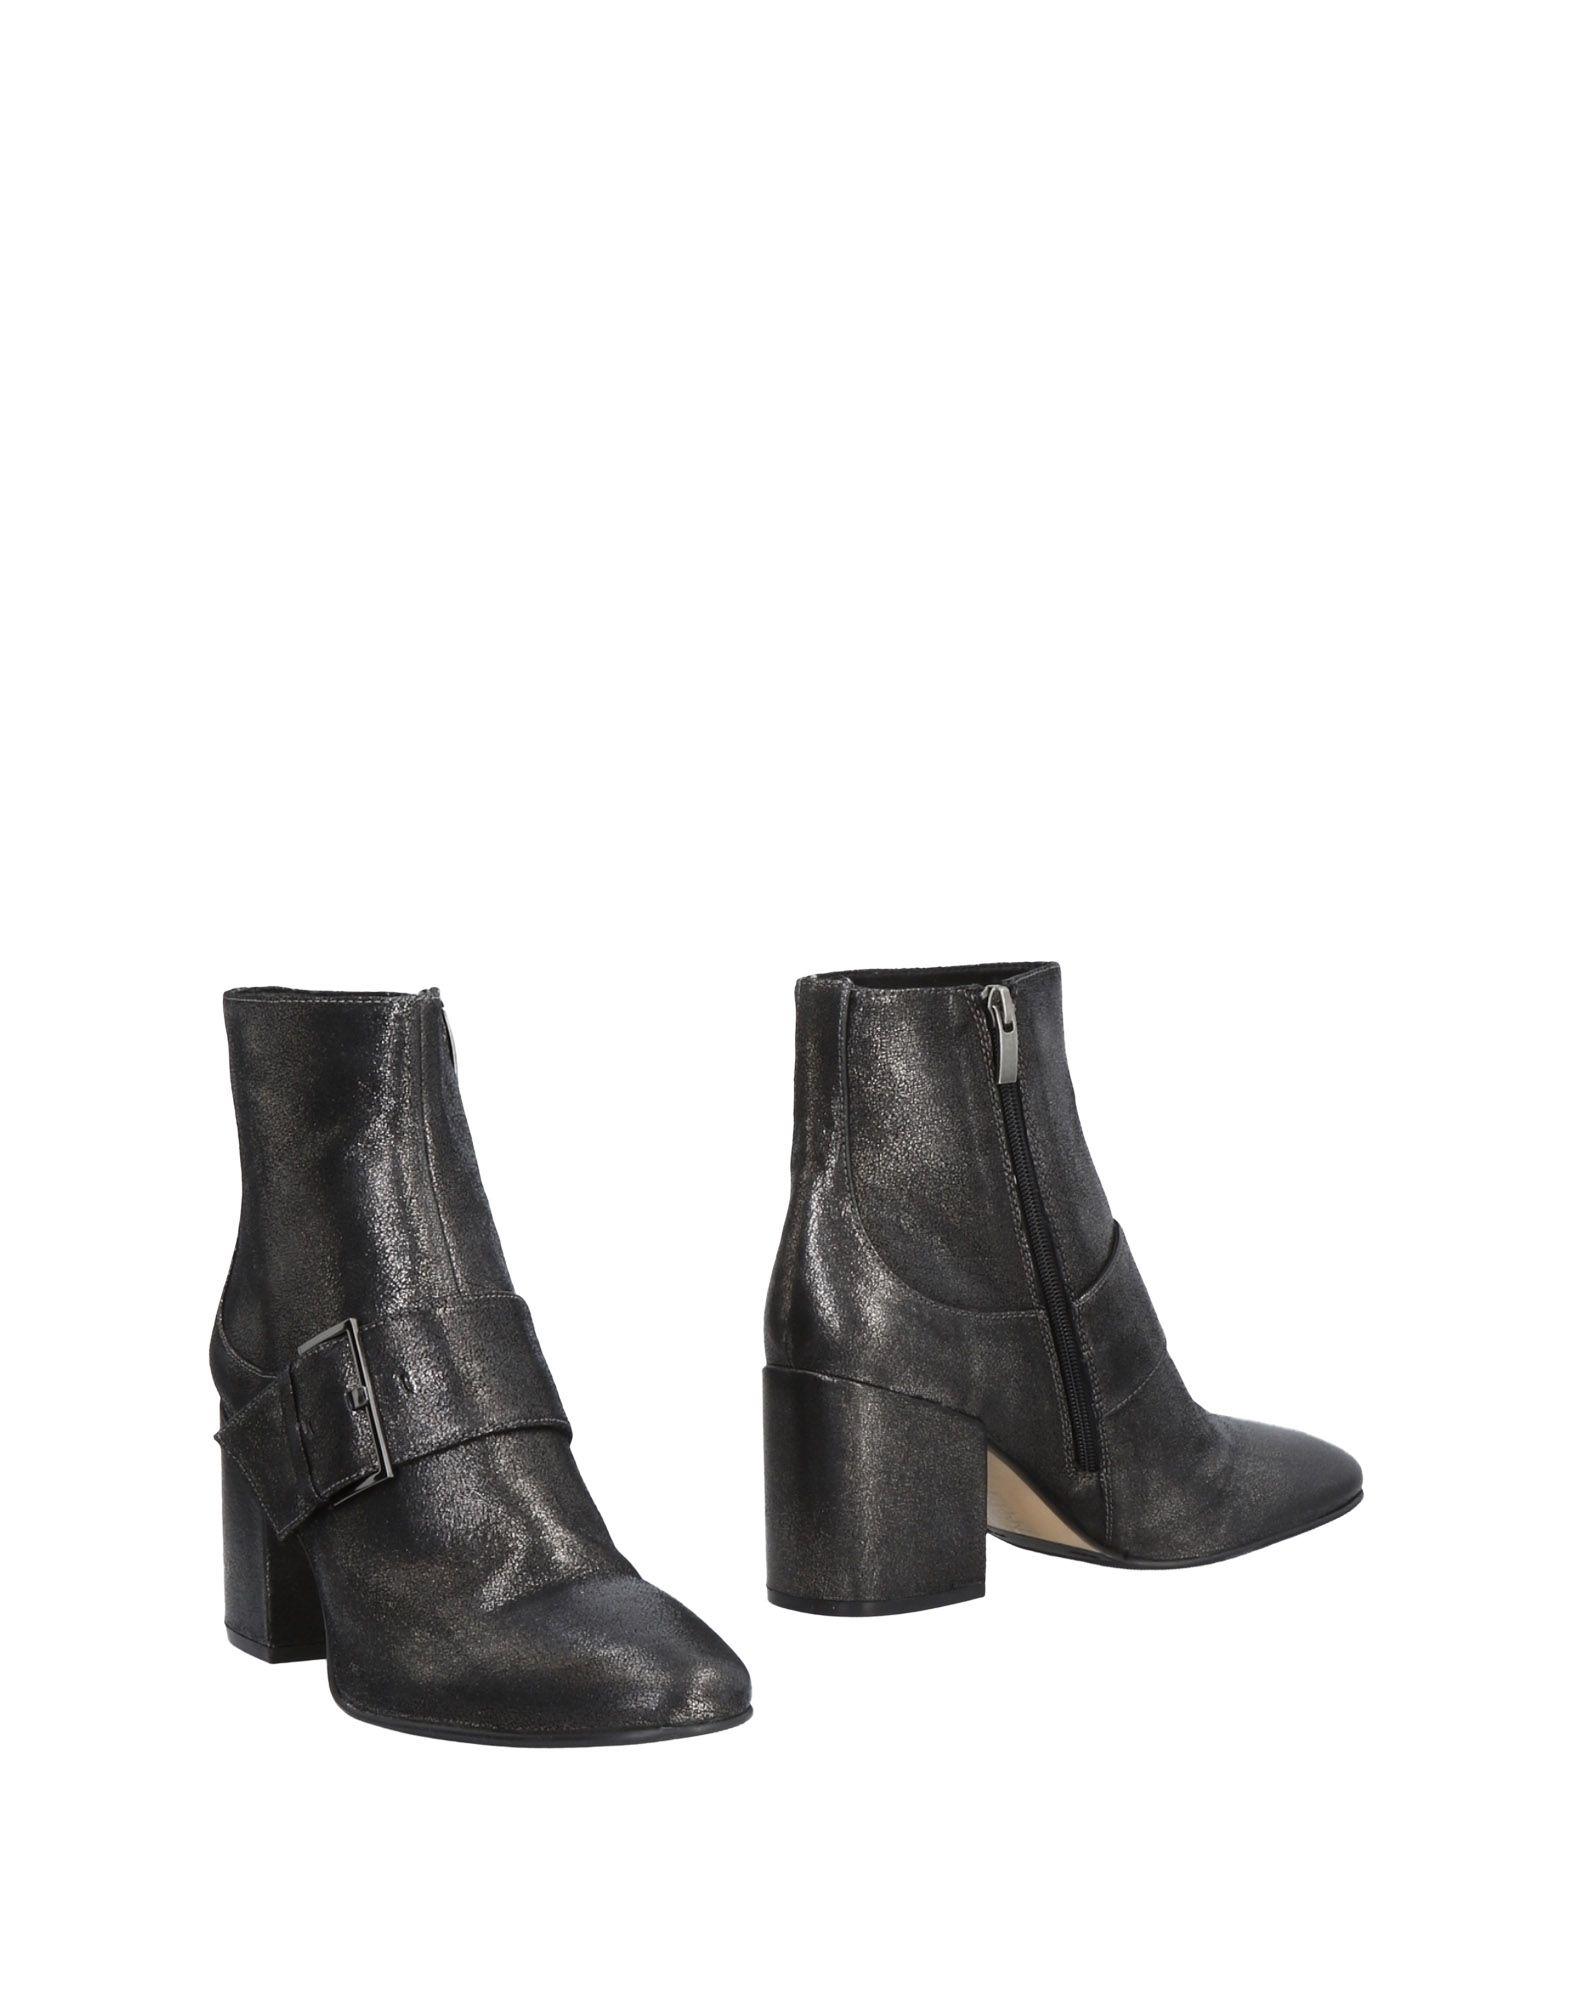 Bp Zone Stiefelette Damen  11460032MU Gute Qualität beliebte Schuhe